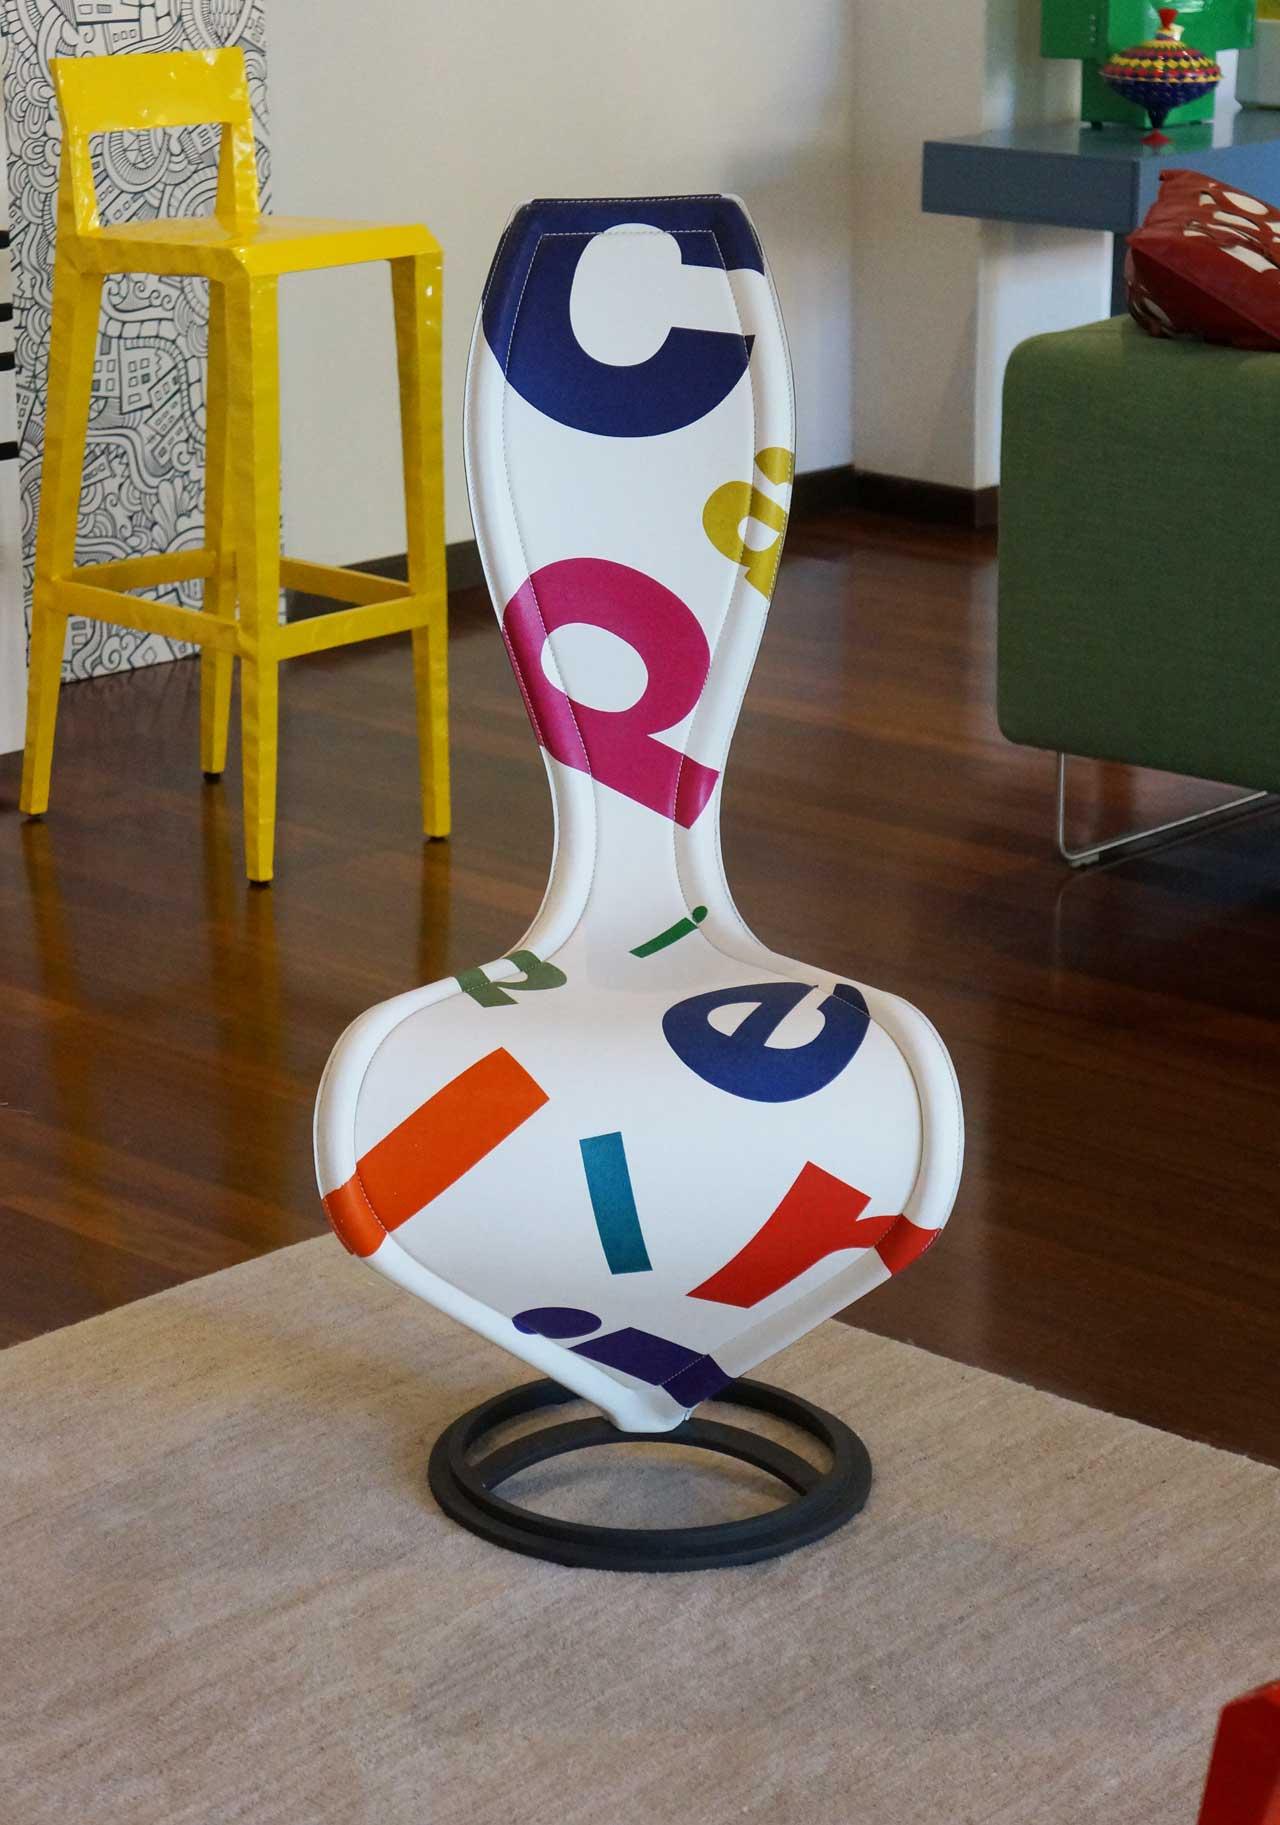 fabbrica l'ultimo davvero economico A day with Giulio Cappellini at Biagetti Alvaro Arredamenti.